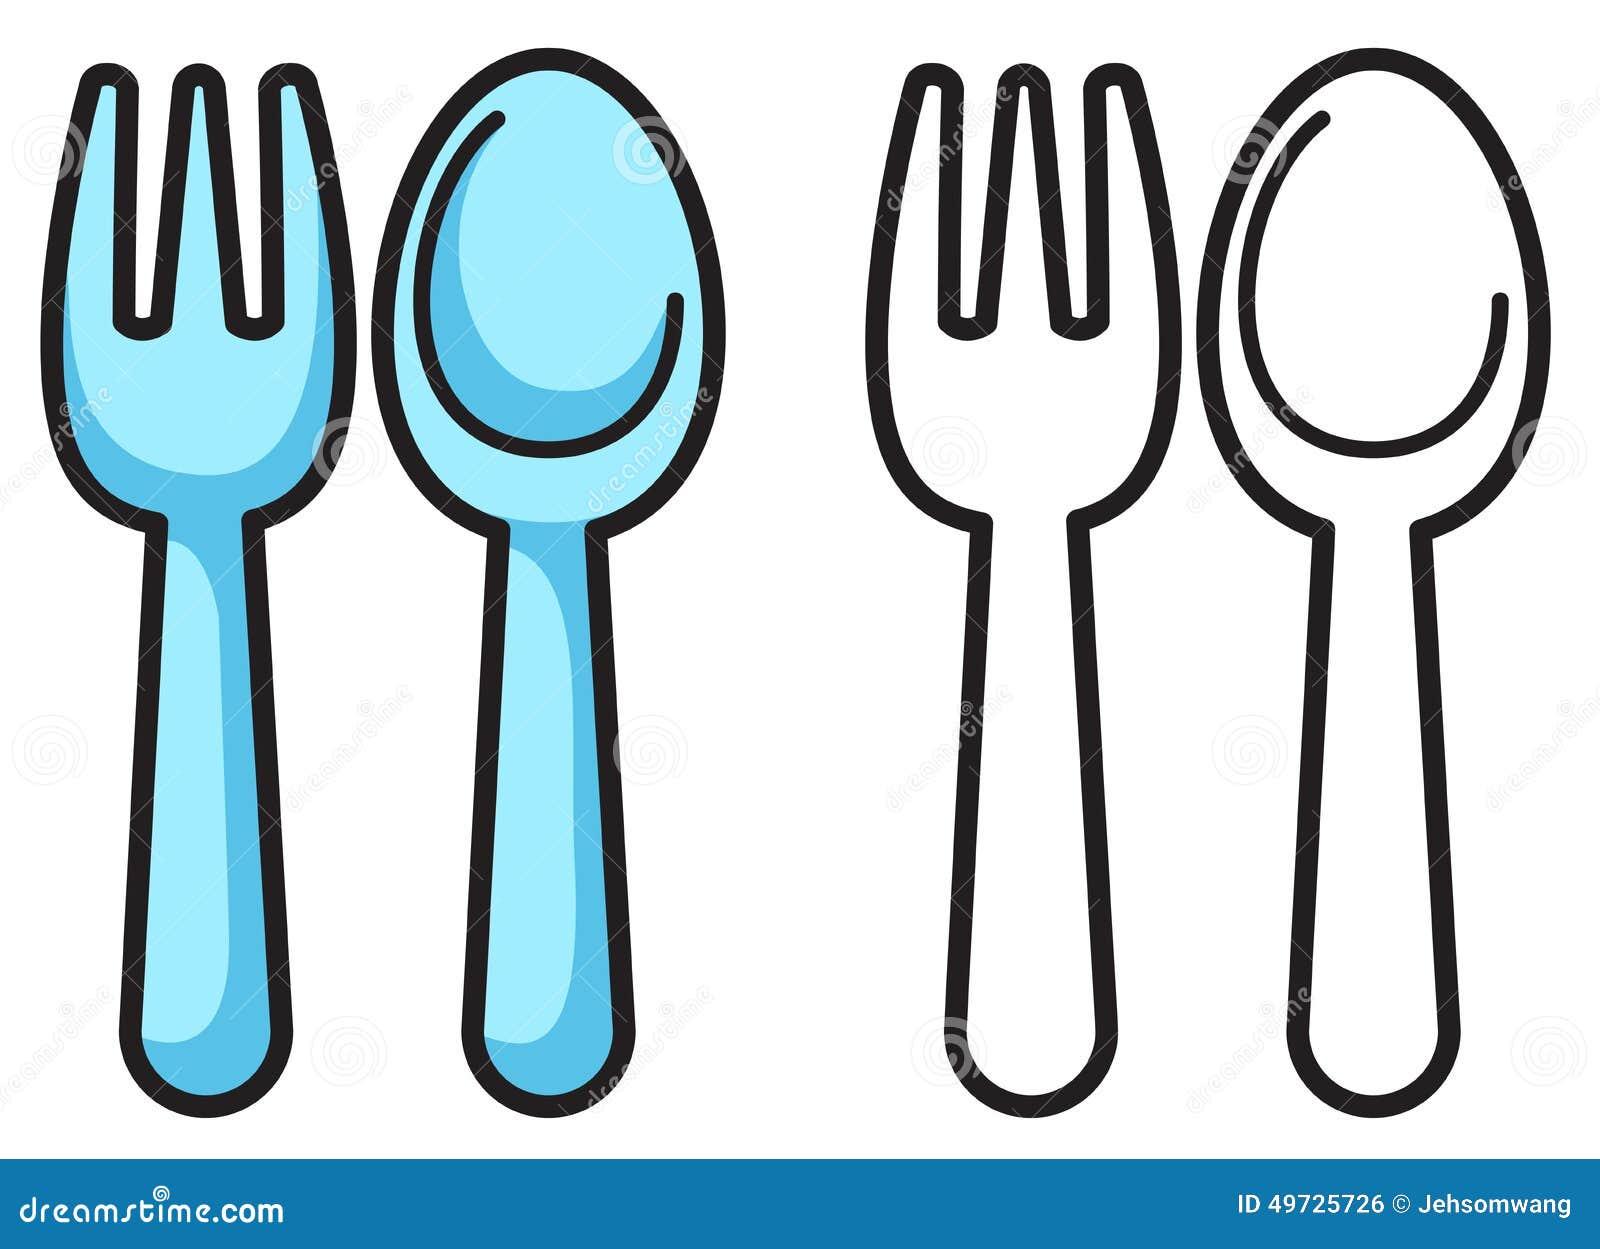 Fourchette et cuill re color es et noires et blanches pour livre de coloriage illustration de - Cuillere dessin ...